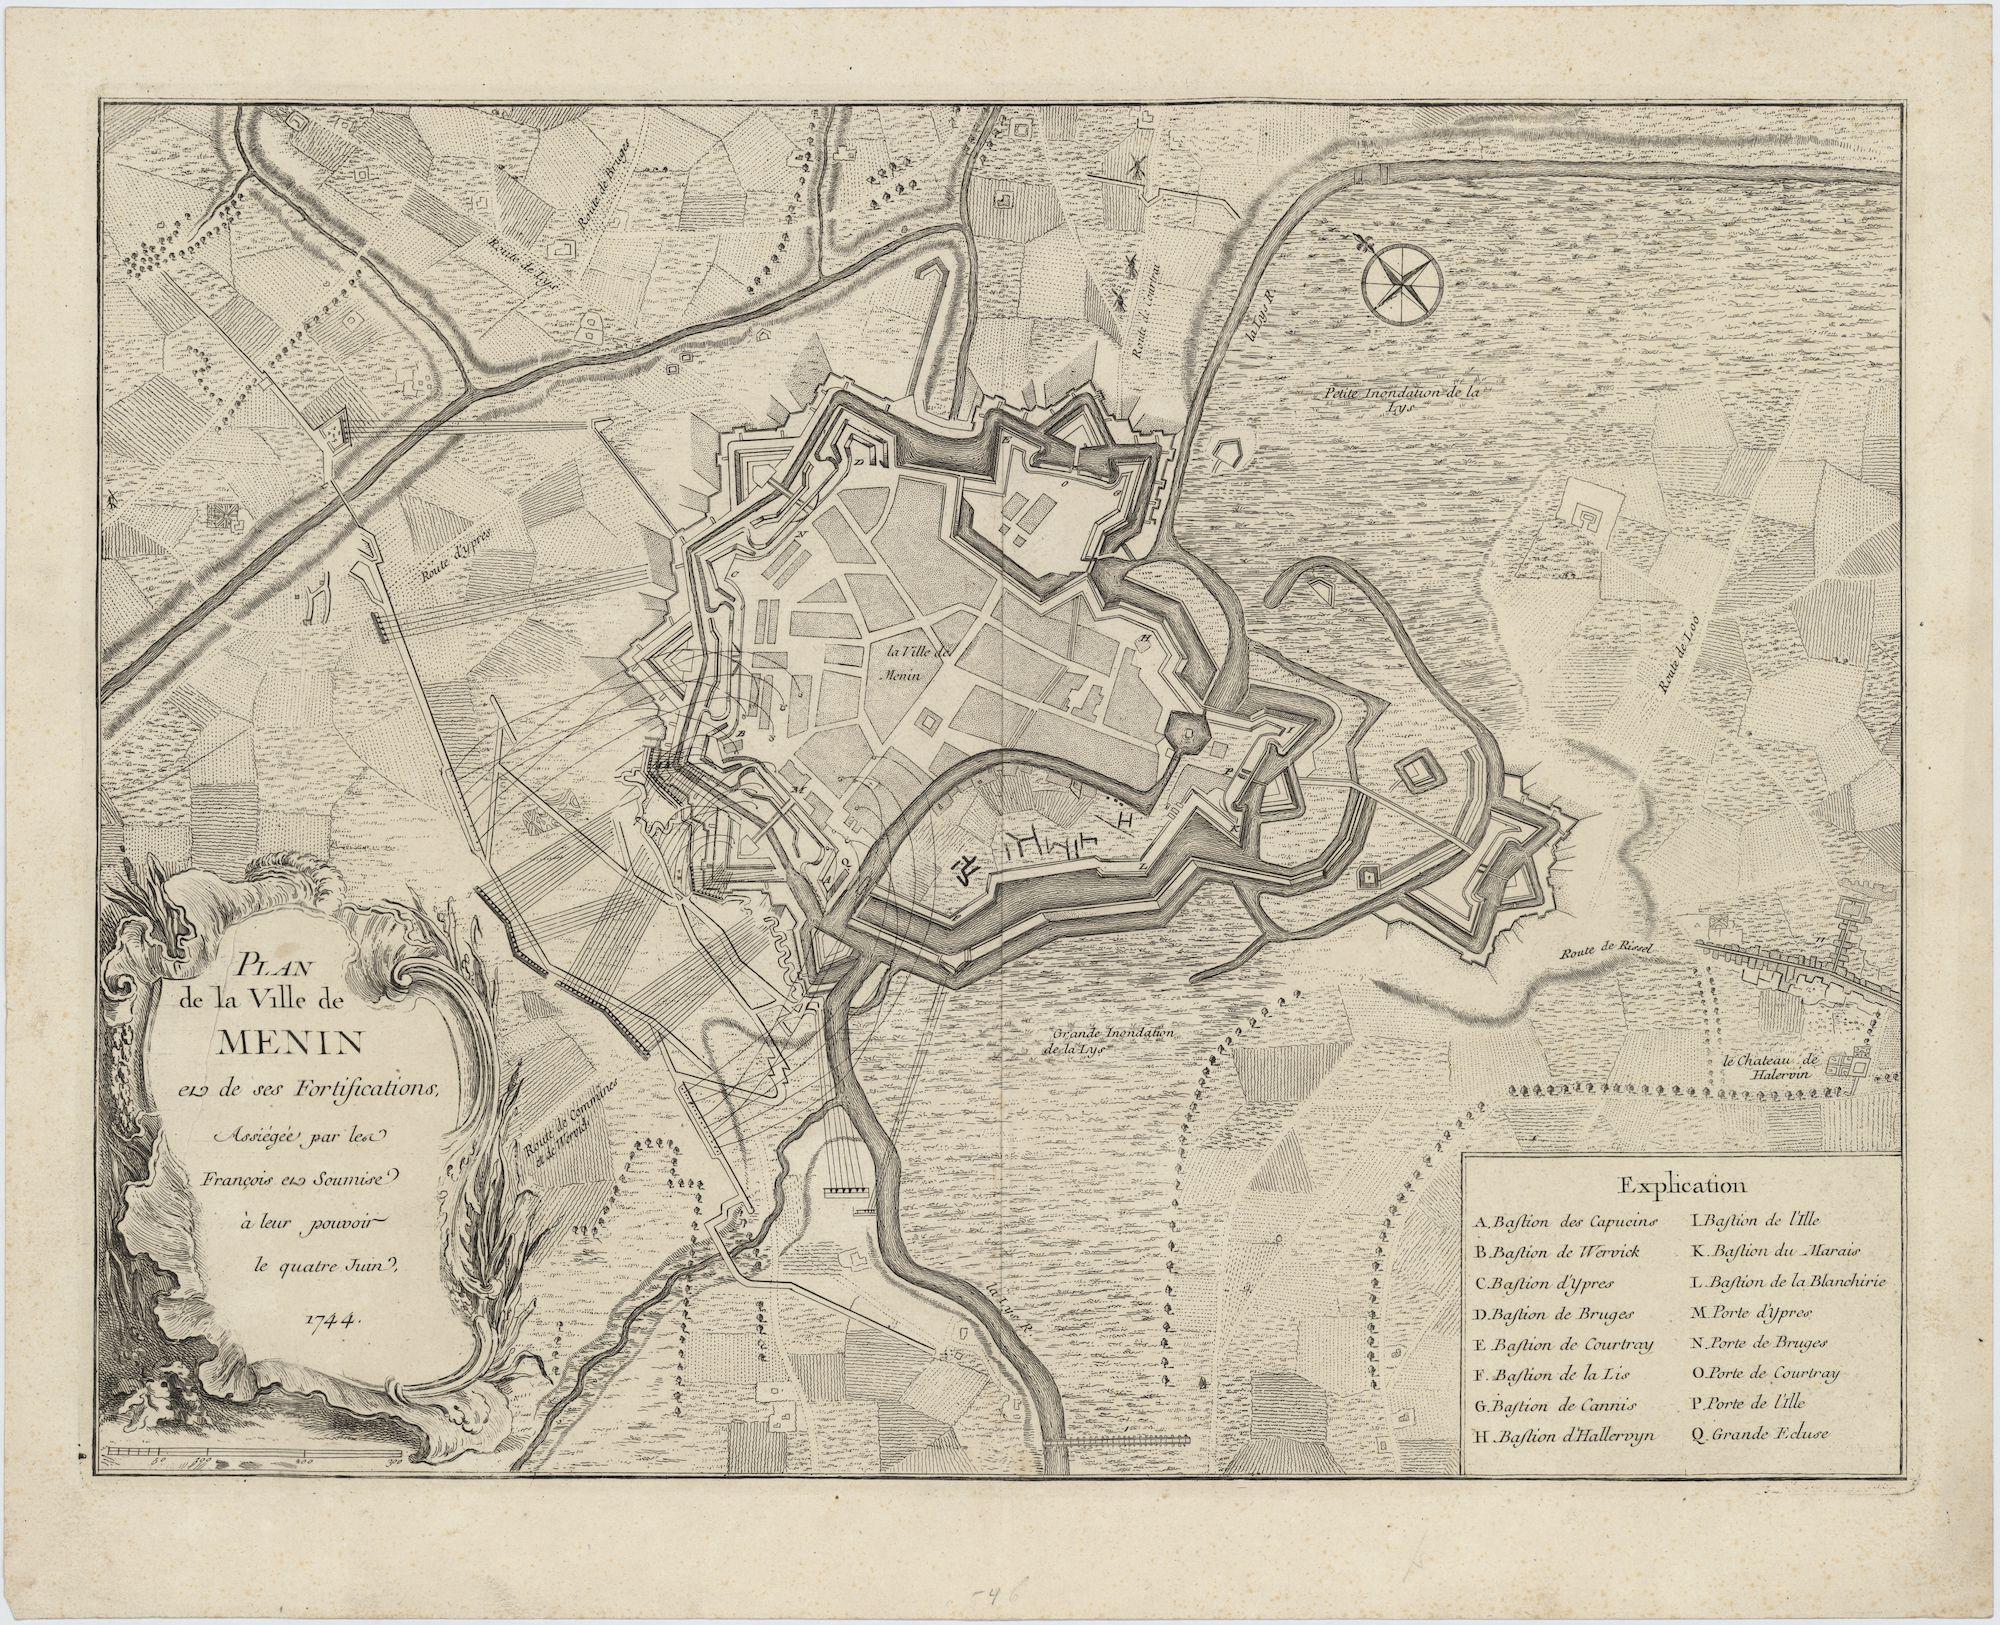 Westflandrica - Het beleg van Menen op 4 juni 1744